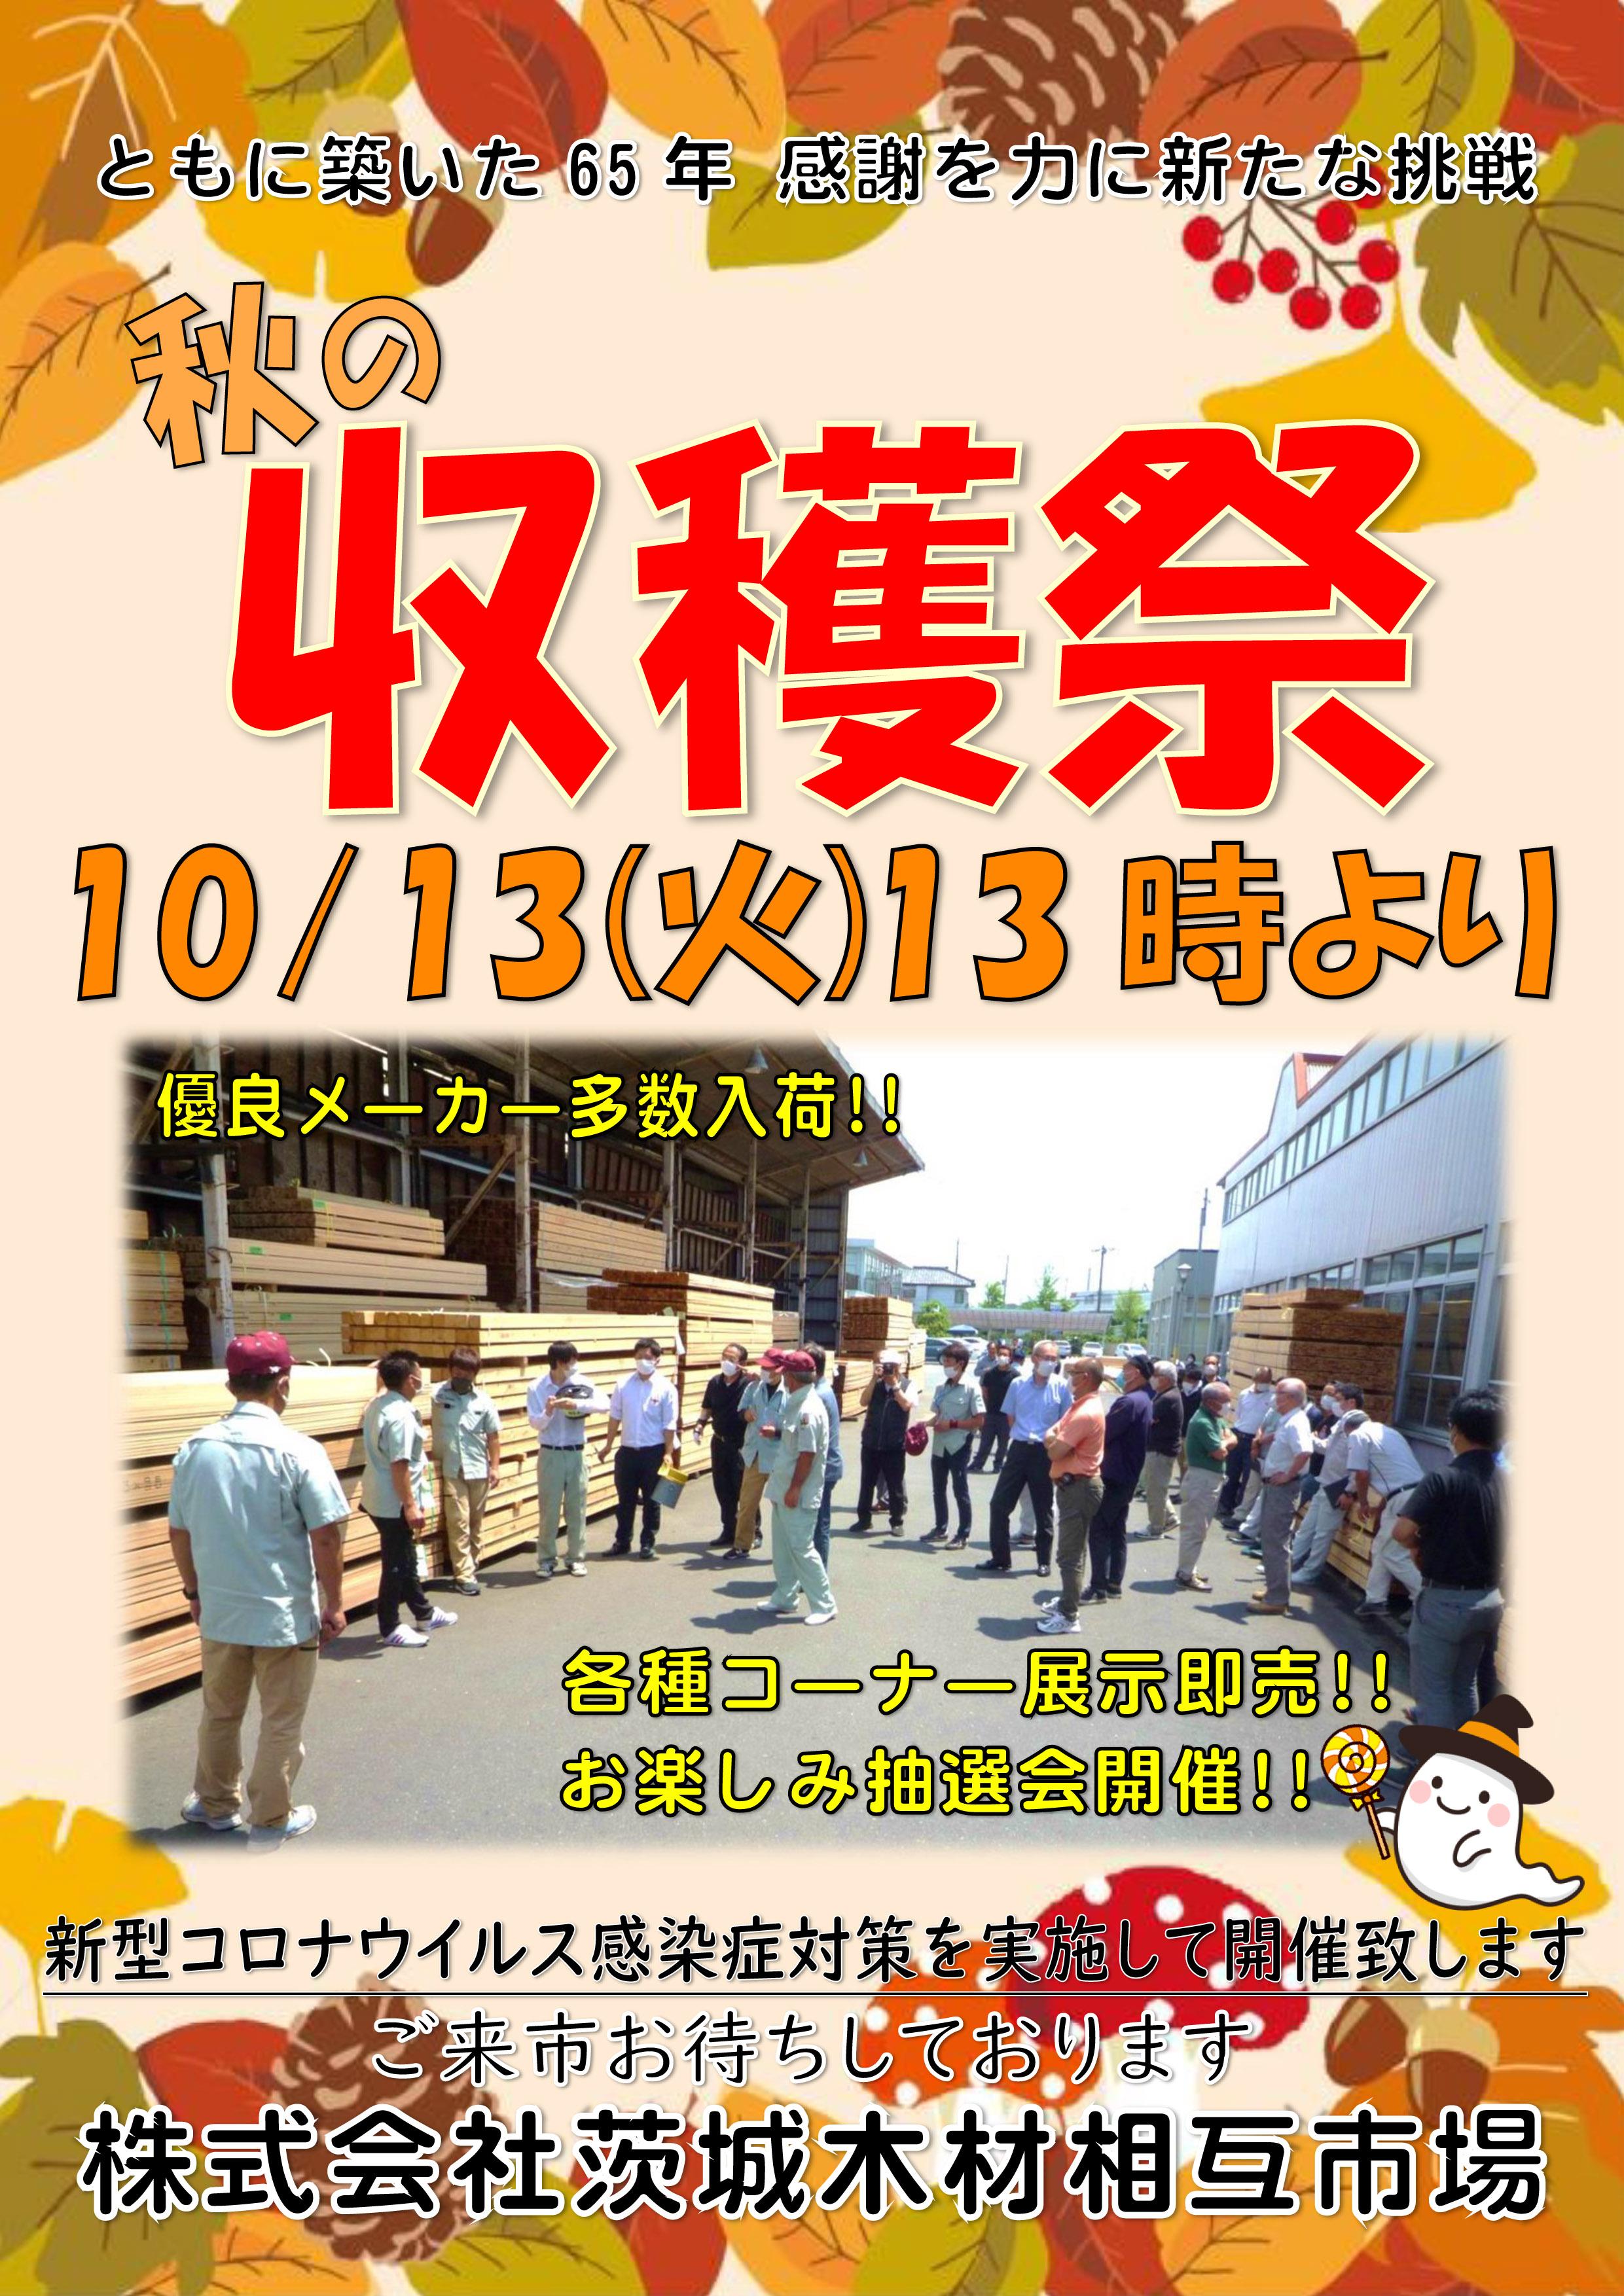 次回の記念市「秋の収穫祭」のお知らせ